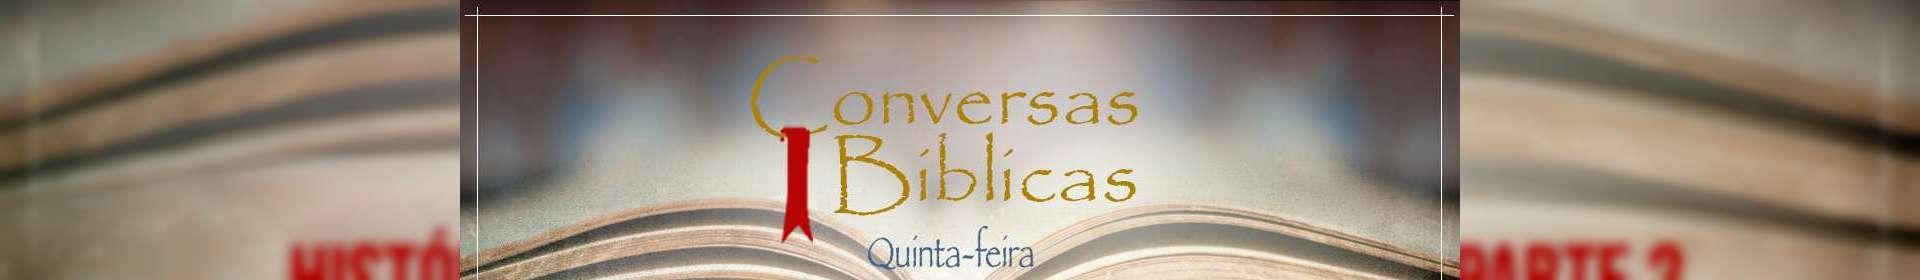 Conversas Bíblicas: História da Igreja Cristã Maranata - Parte 2